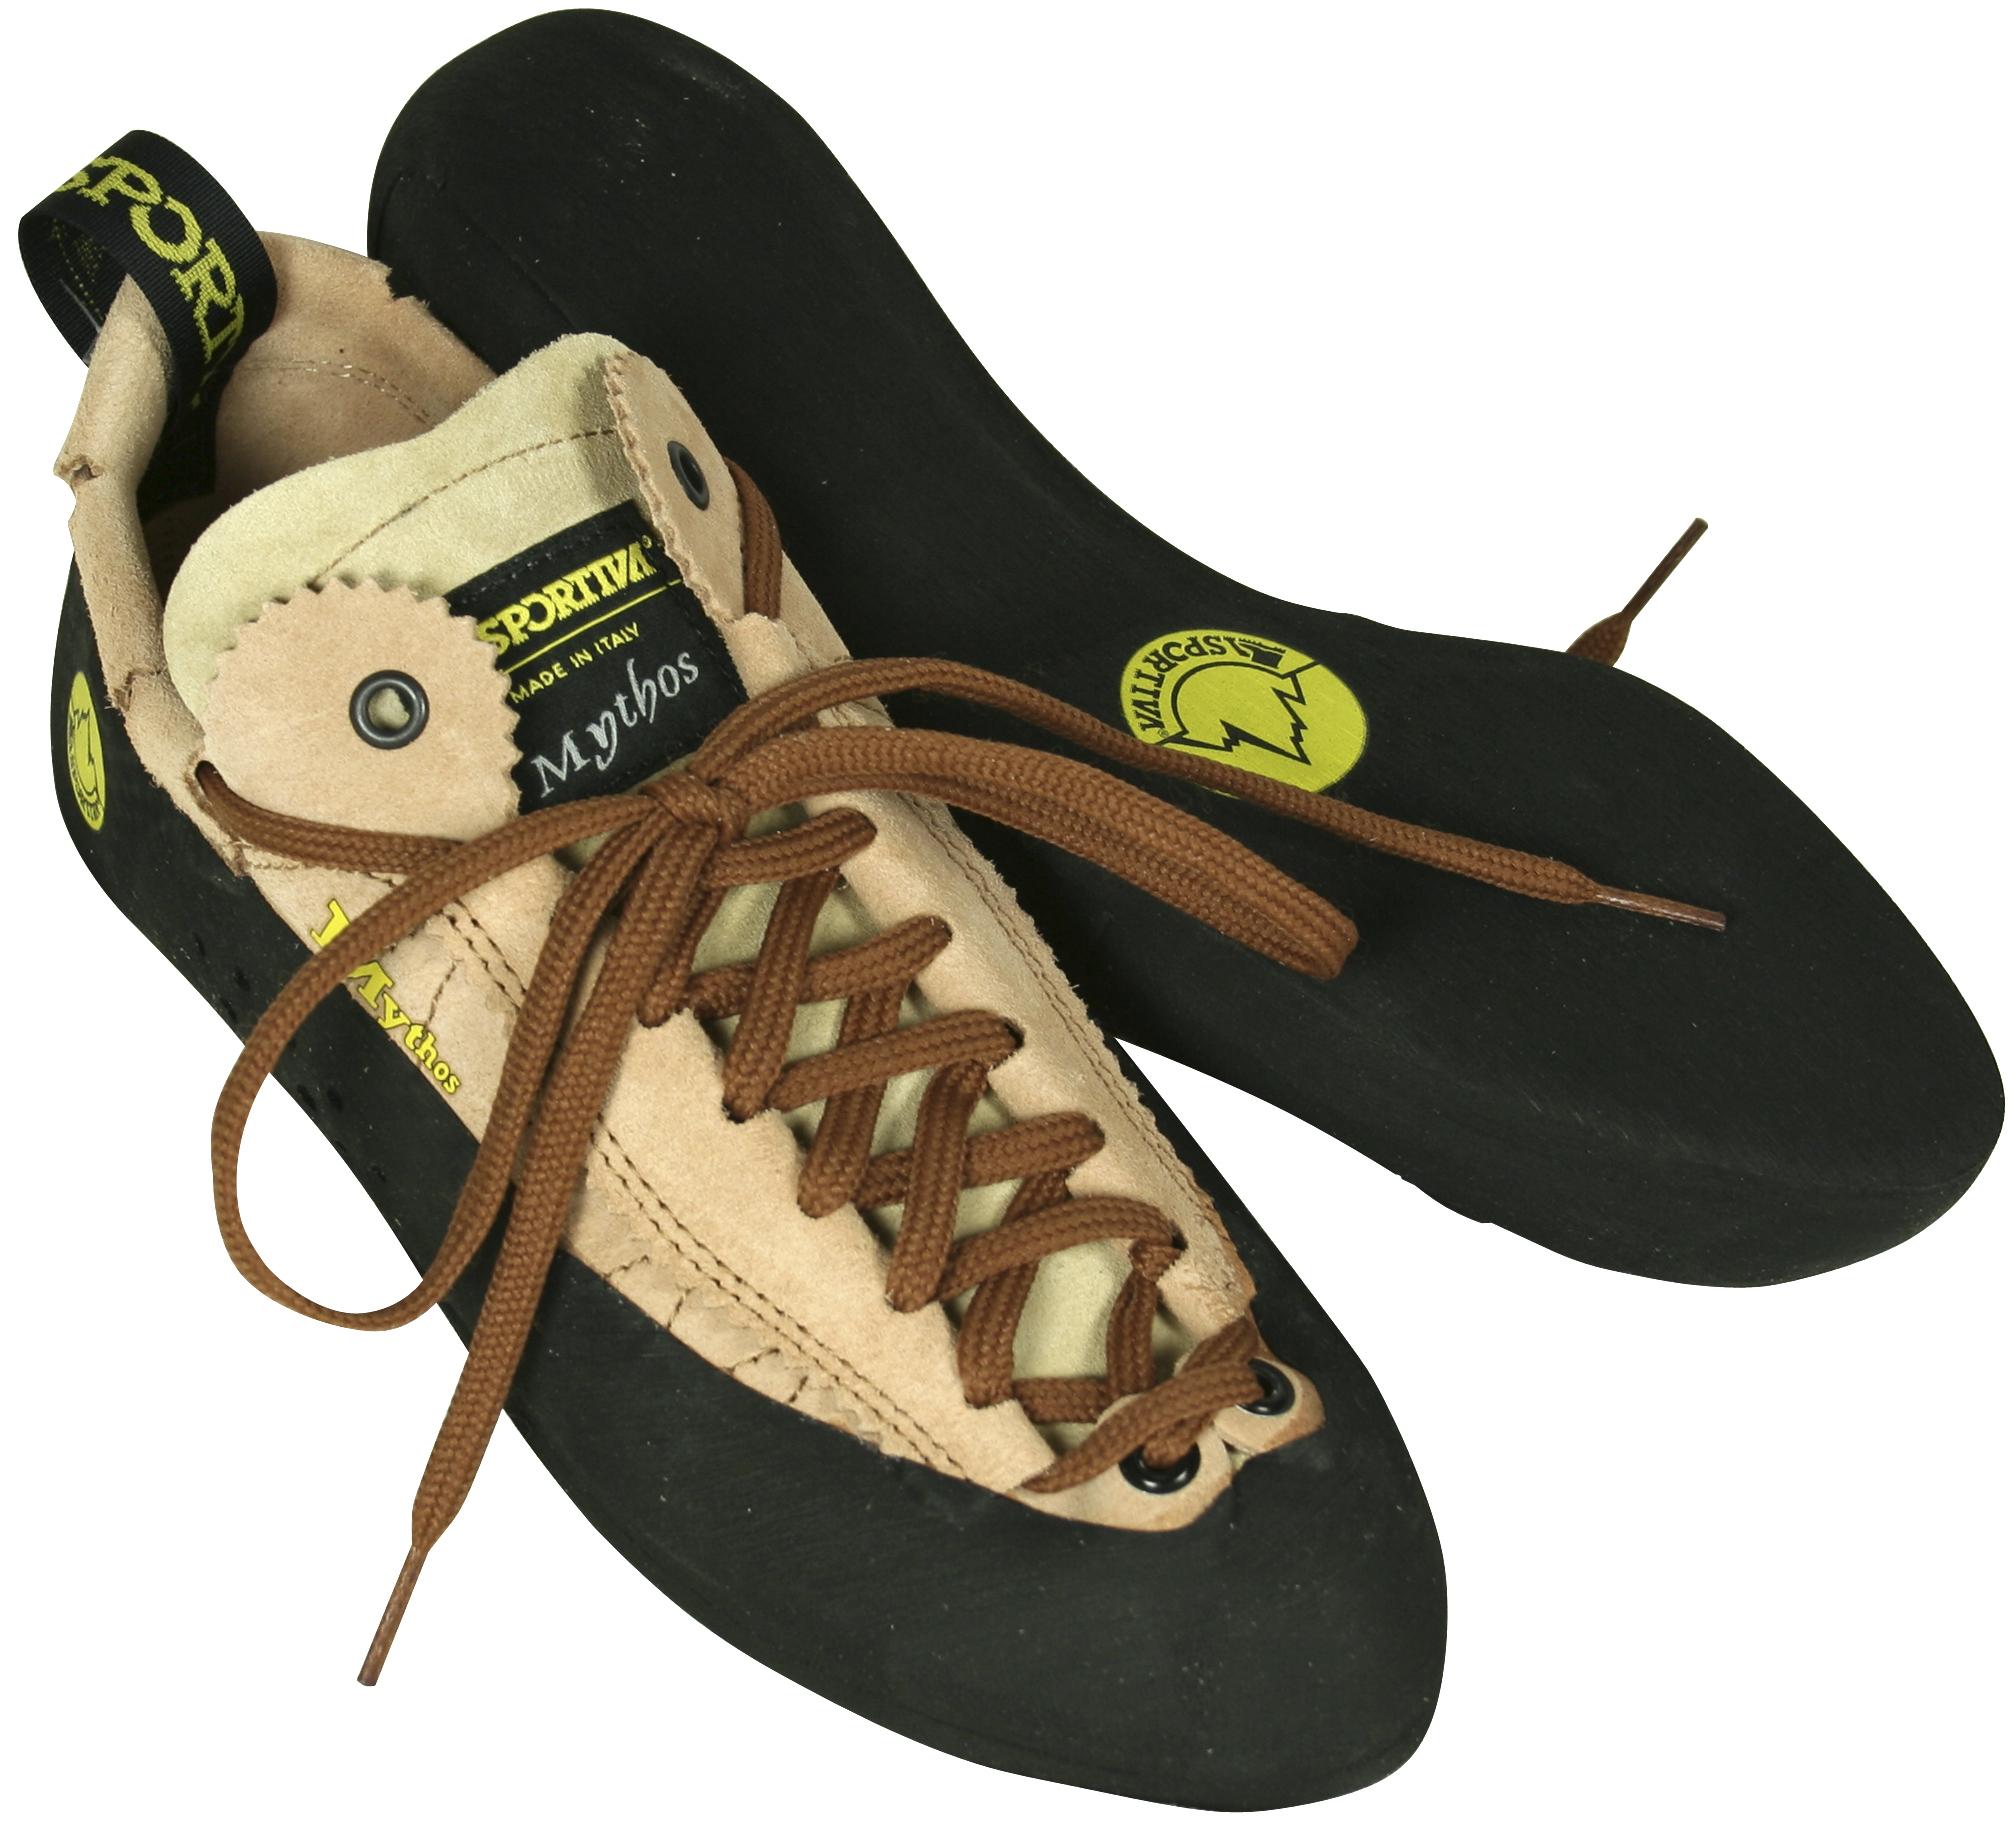 La Sportiva Mythos Rock Shoes - Unisex